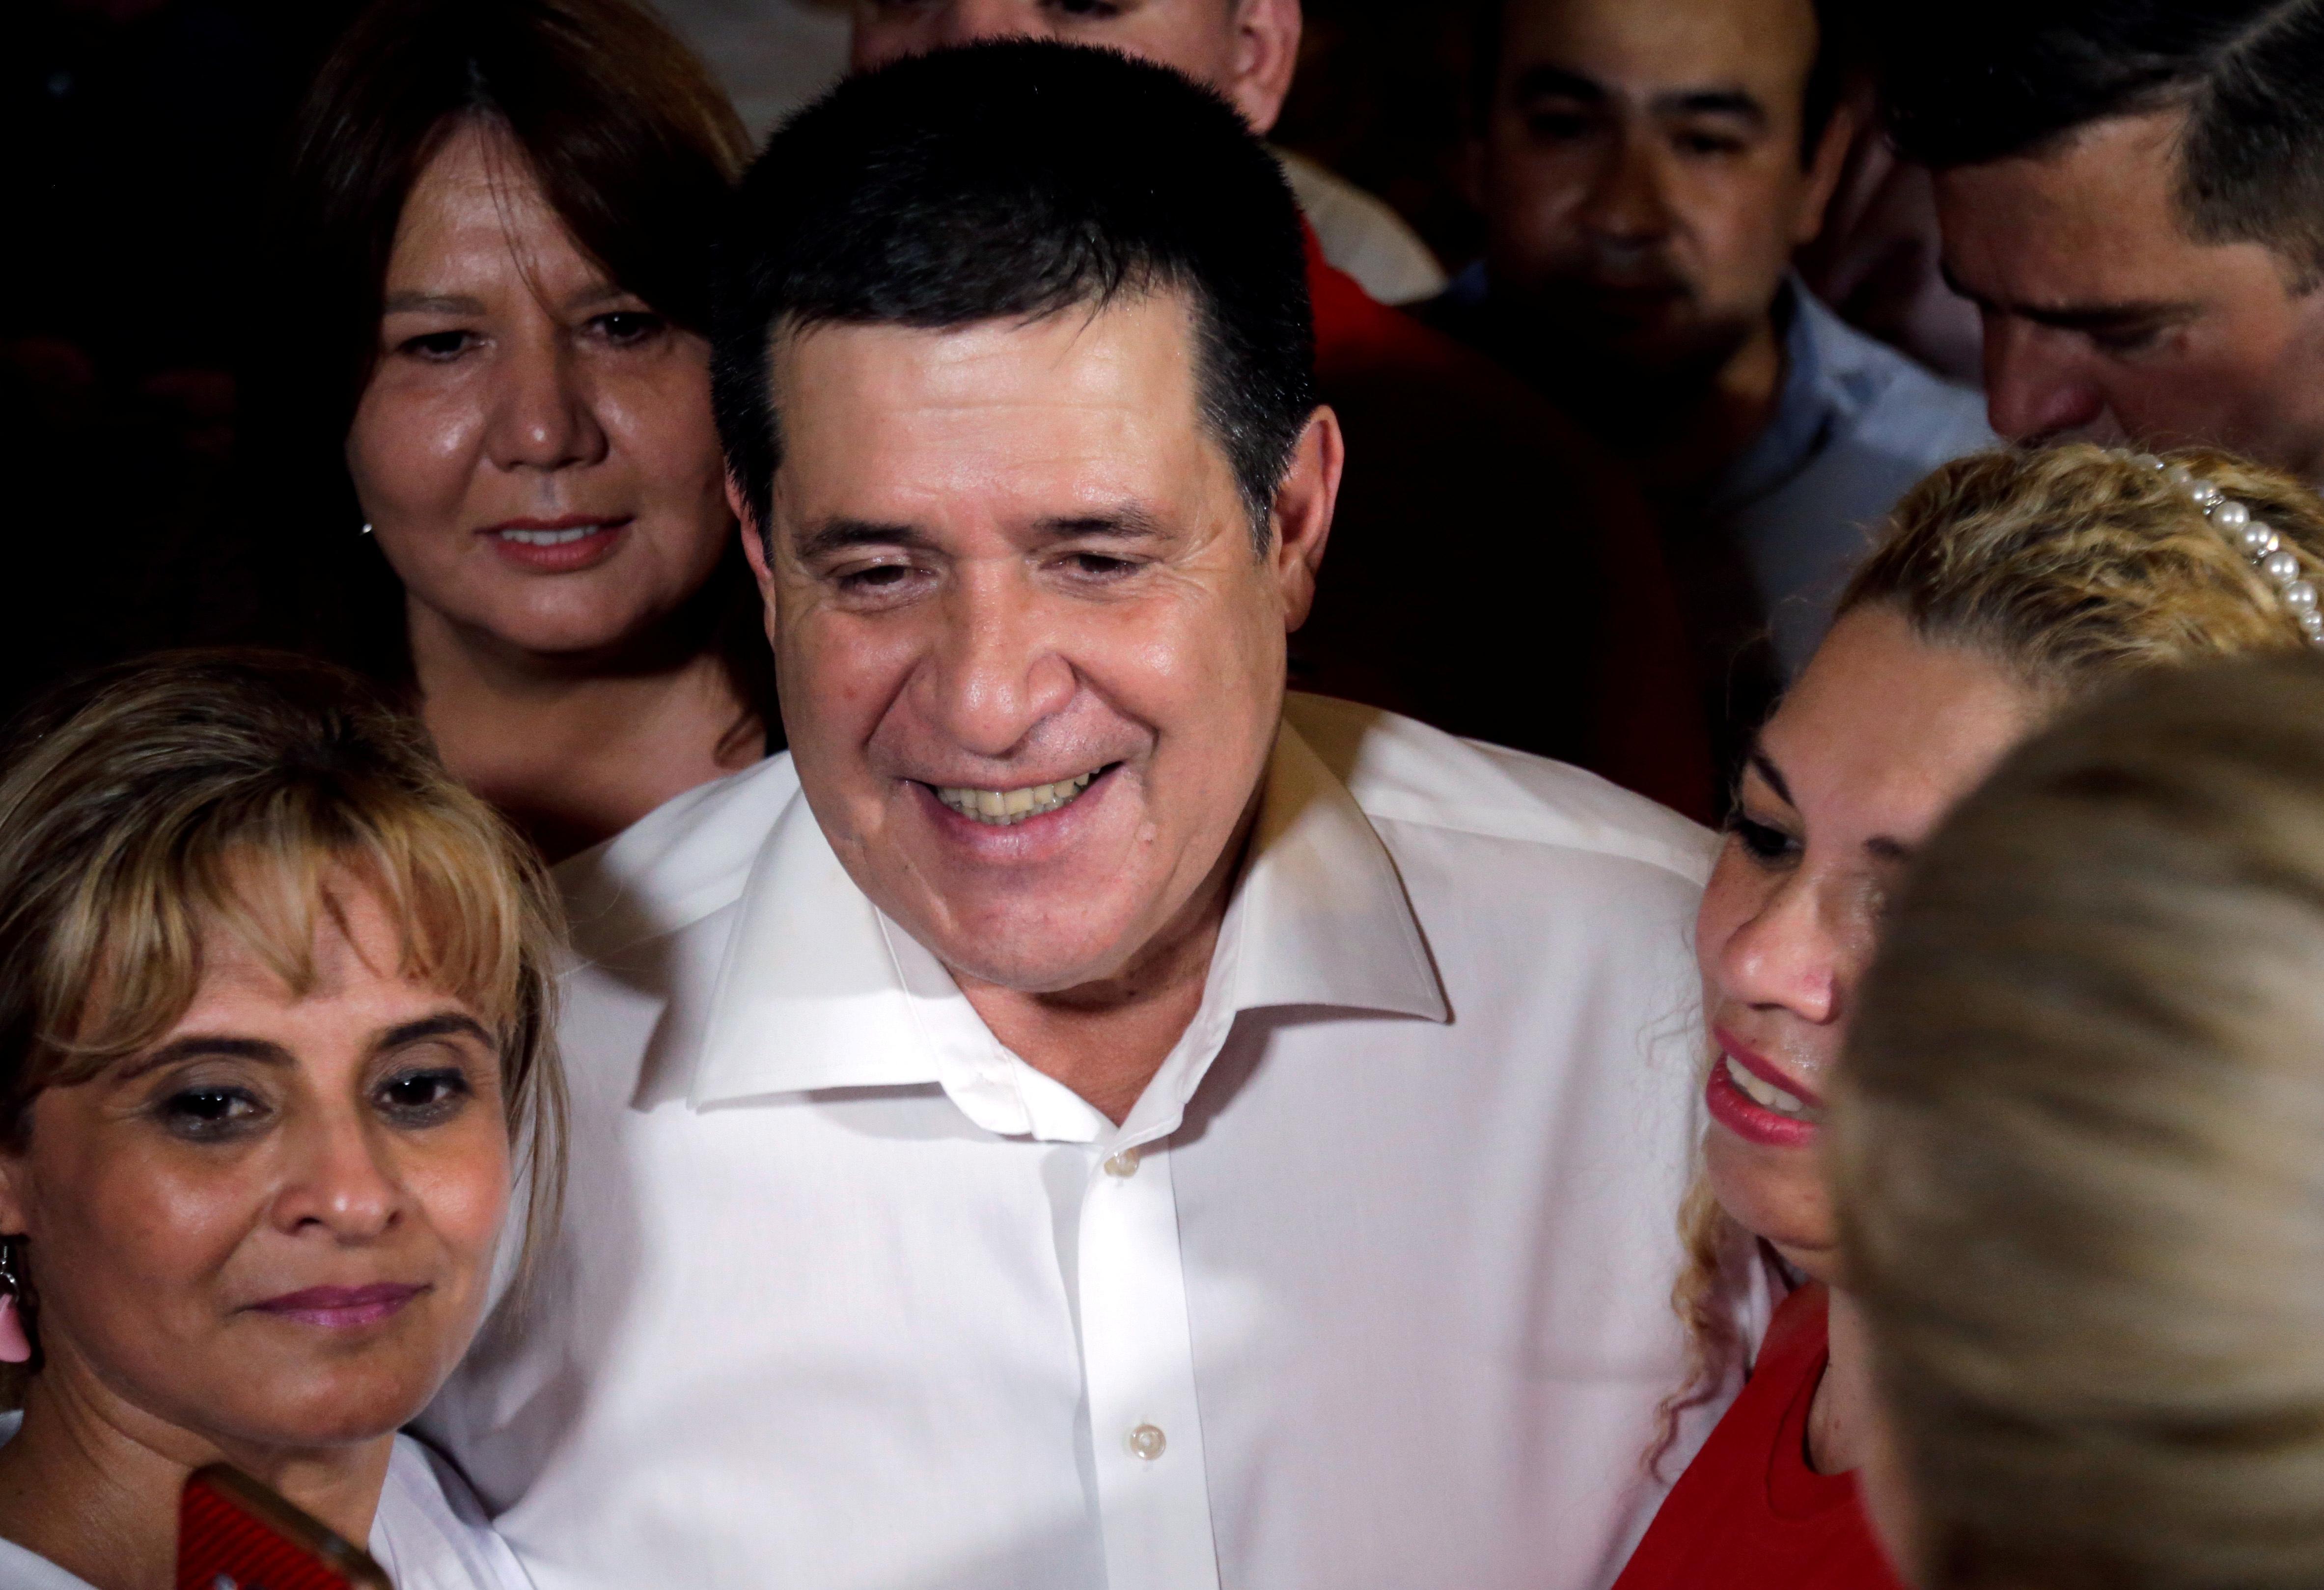 Brazilian judge orders arrest of former Paraguayan President Cartes